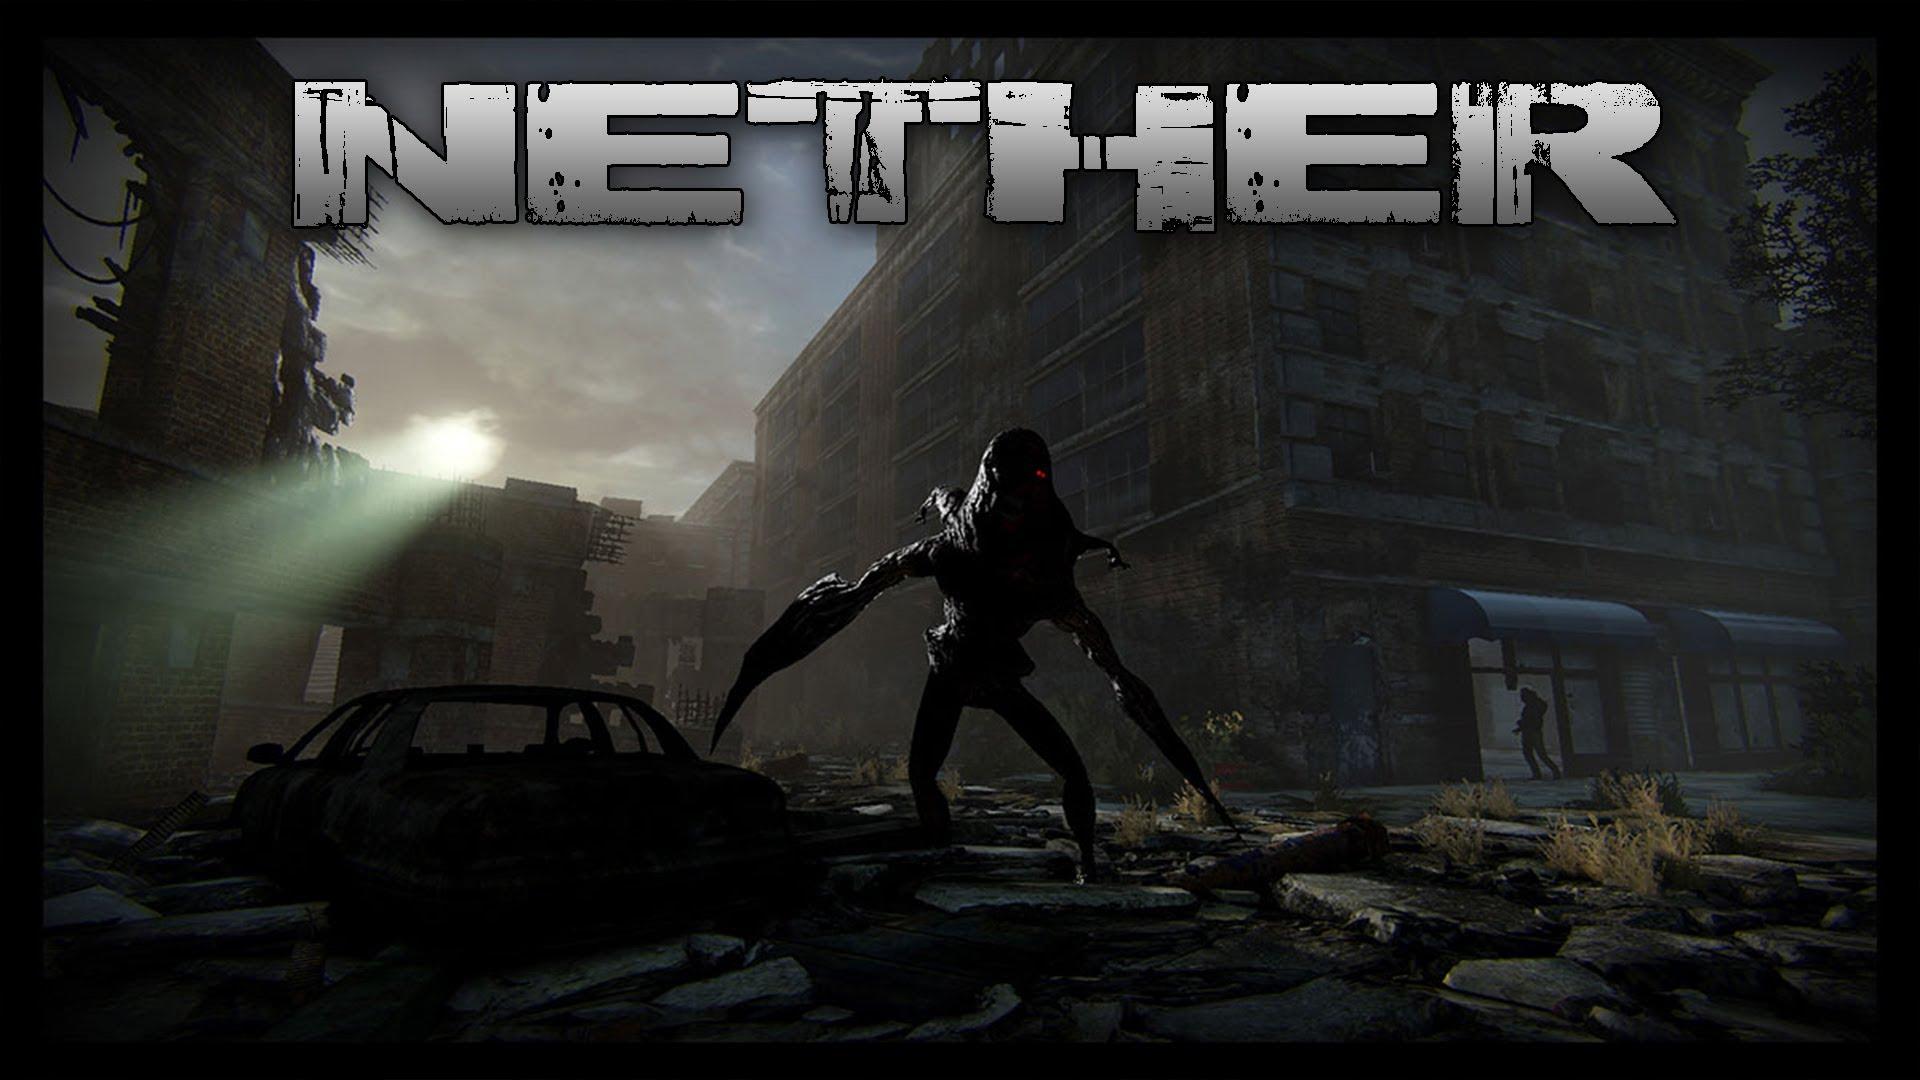 دانلود بازی رستاخیز هلند Nether Resurrected برای کامپیوتر